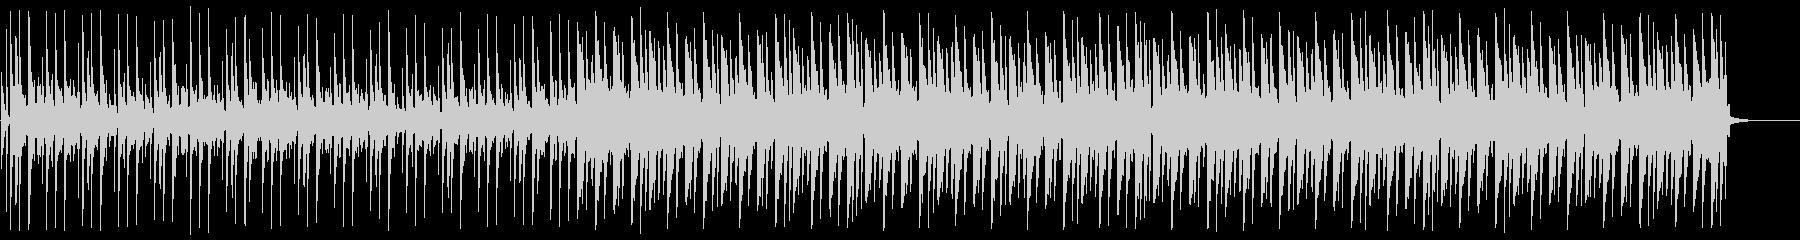 ビートの強いディープハウスNo681_2の未再生の波形